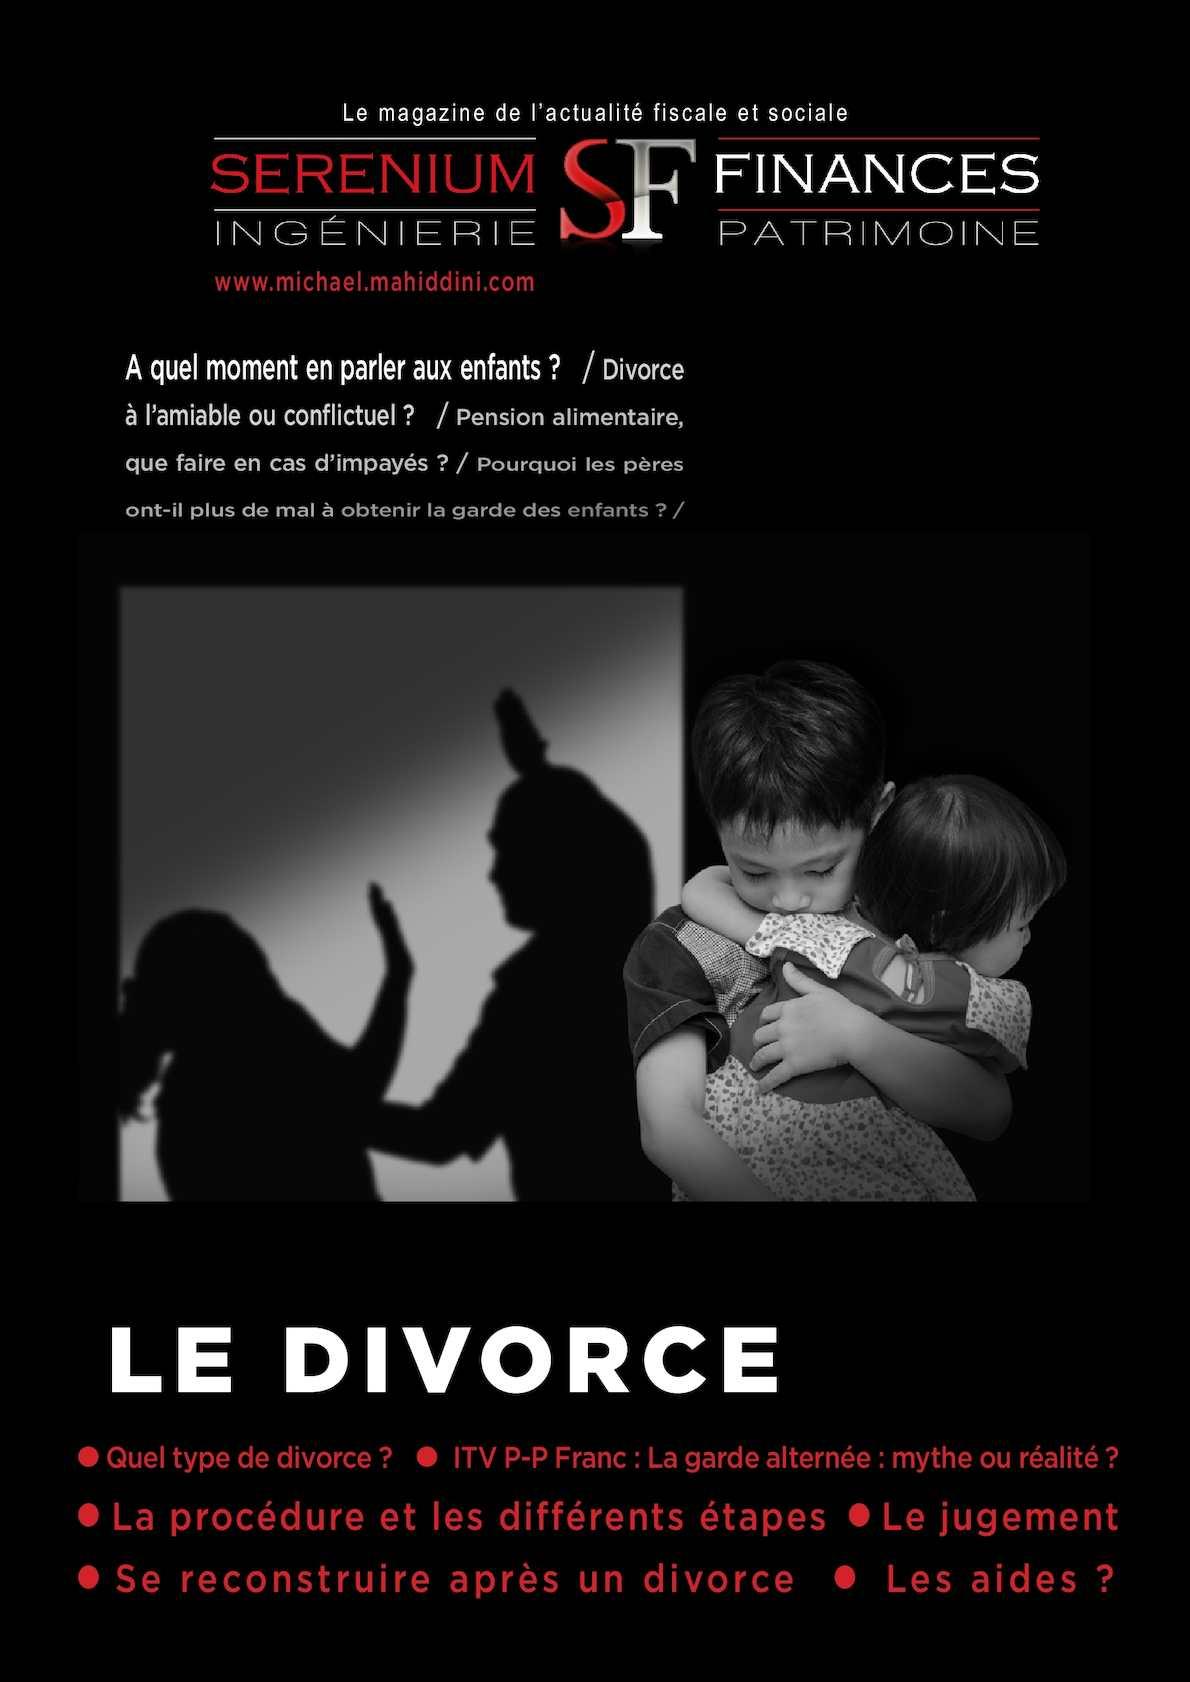 le divorce e book review